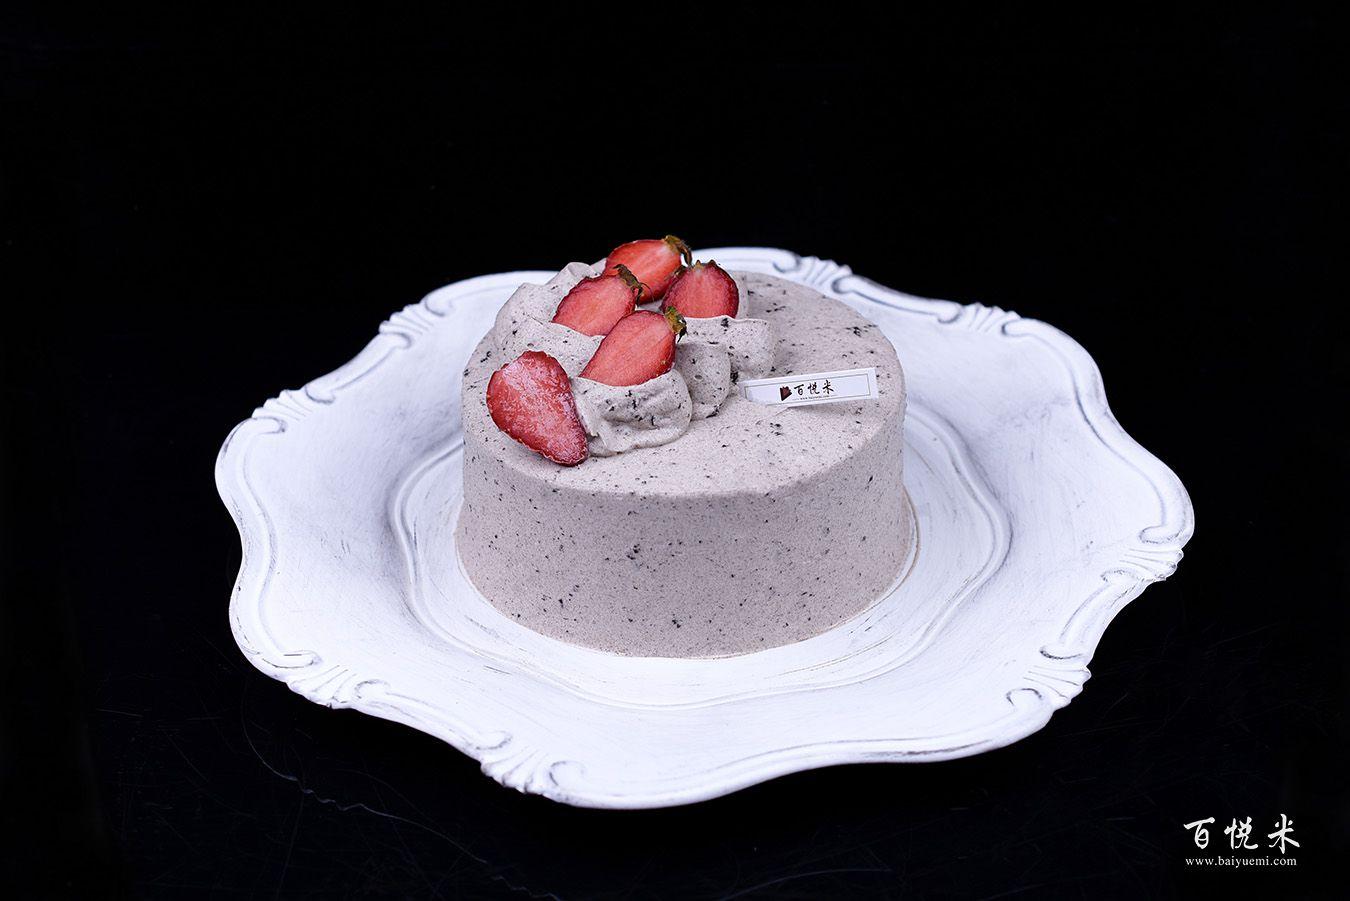 奥利奥咸奶油草莓蛋糕高清图片大全【蛋糕图片】